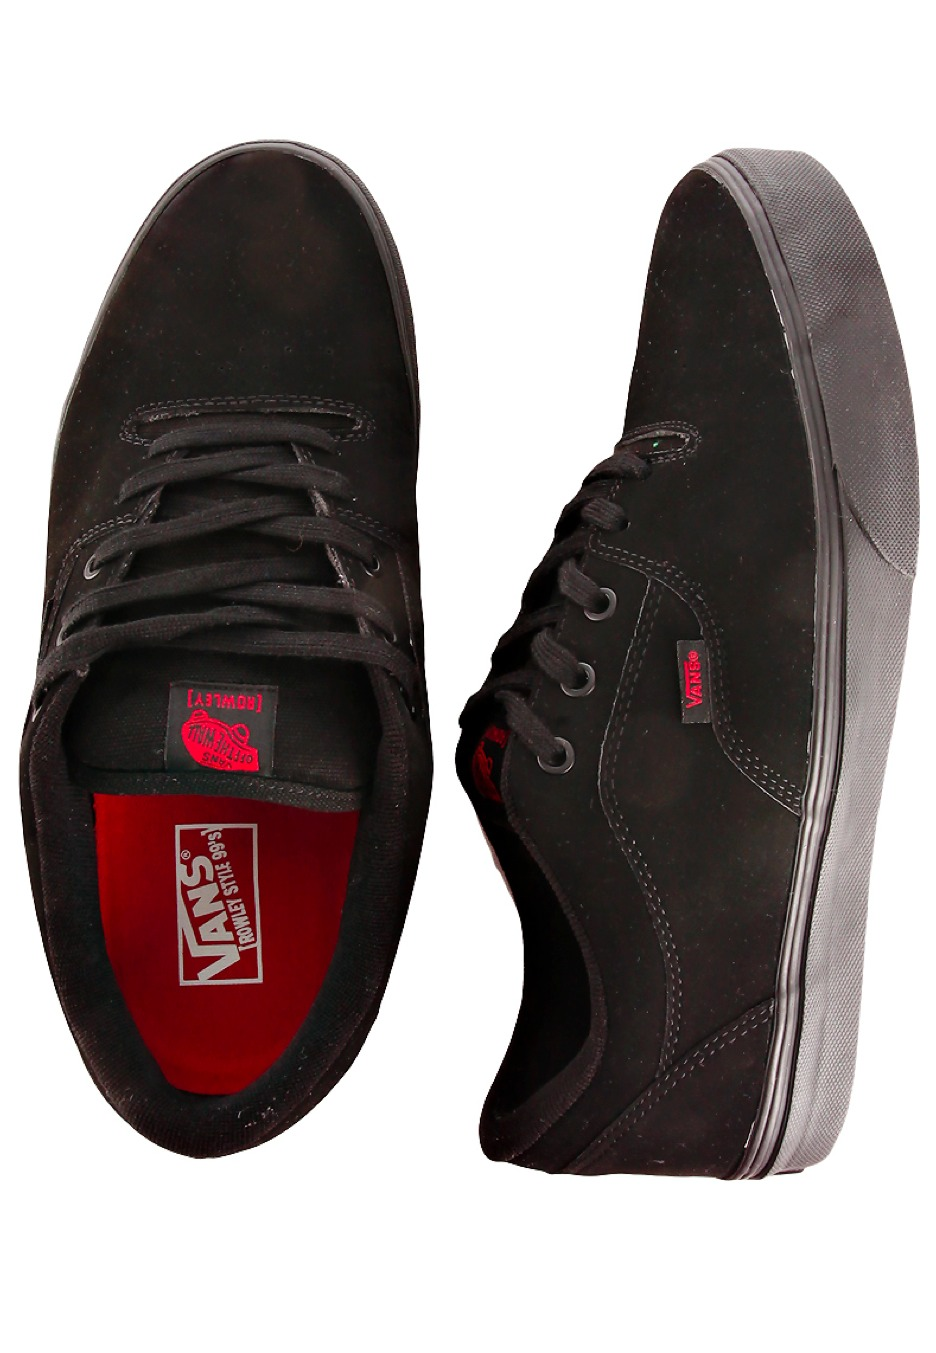 fad51d7195 Vans - Rowley Style 99s Black Synthetic - Shoes - Impericon.com AU